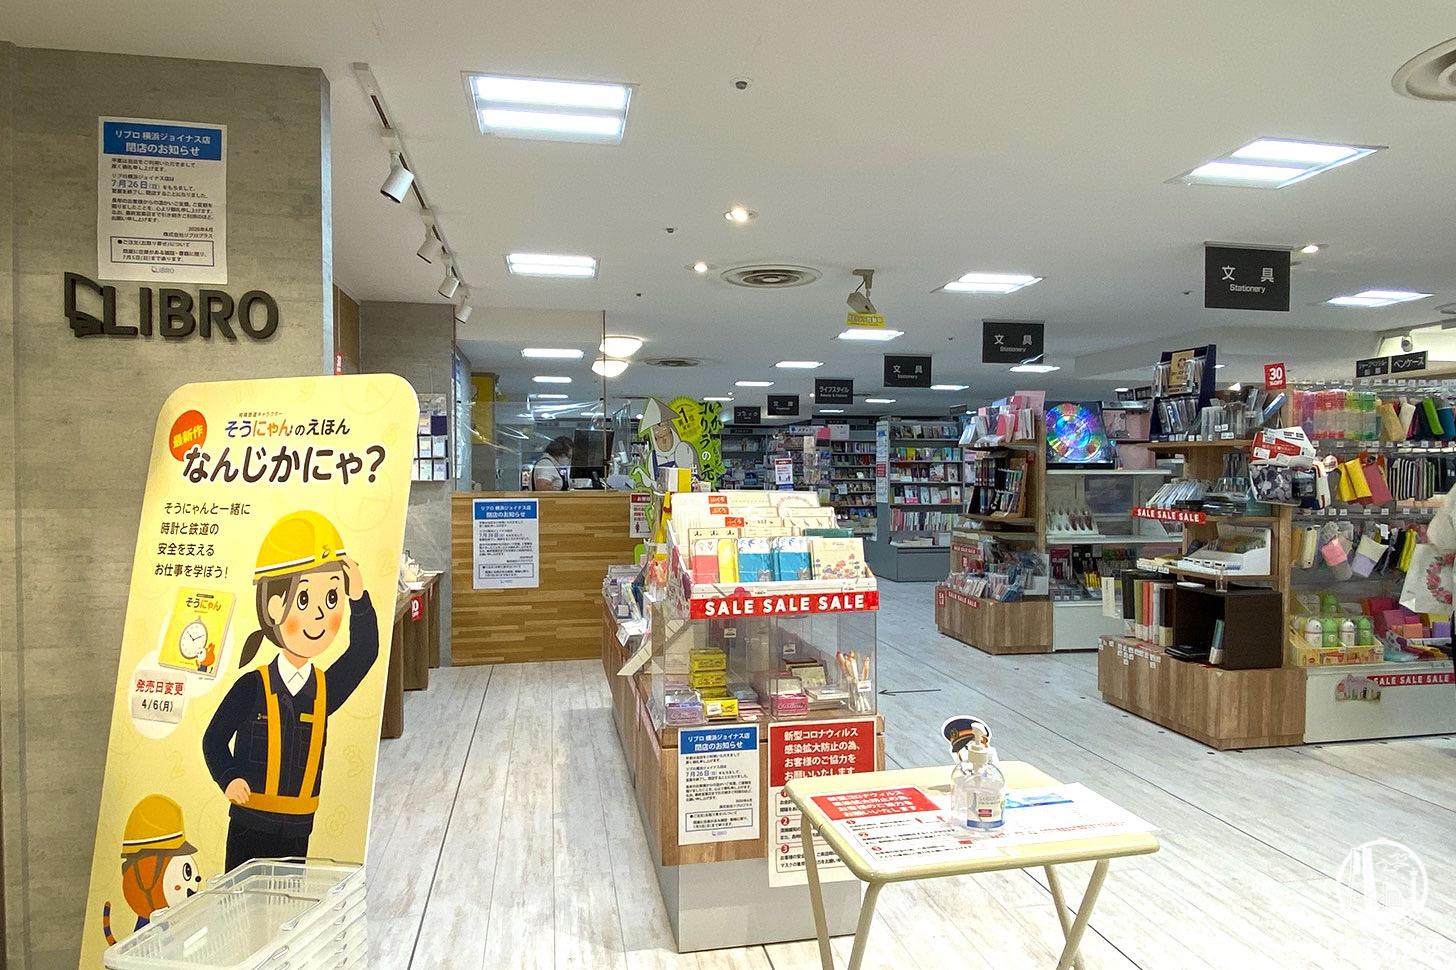 リブロ 横浜ジョイナス店、2020年7月26日をもって閉店